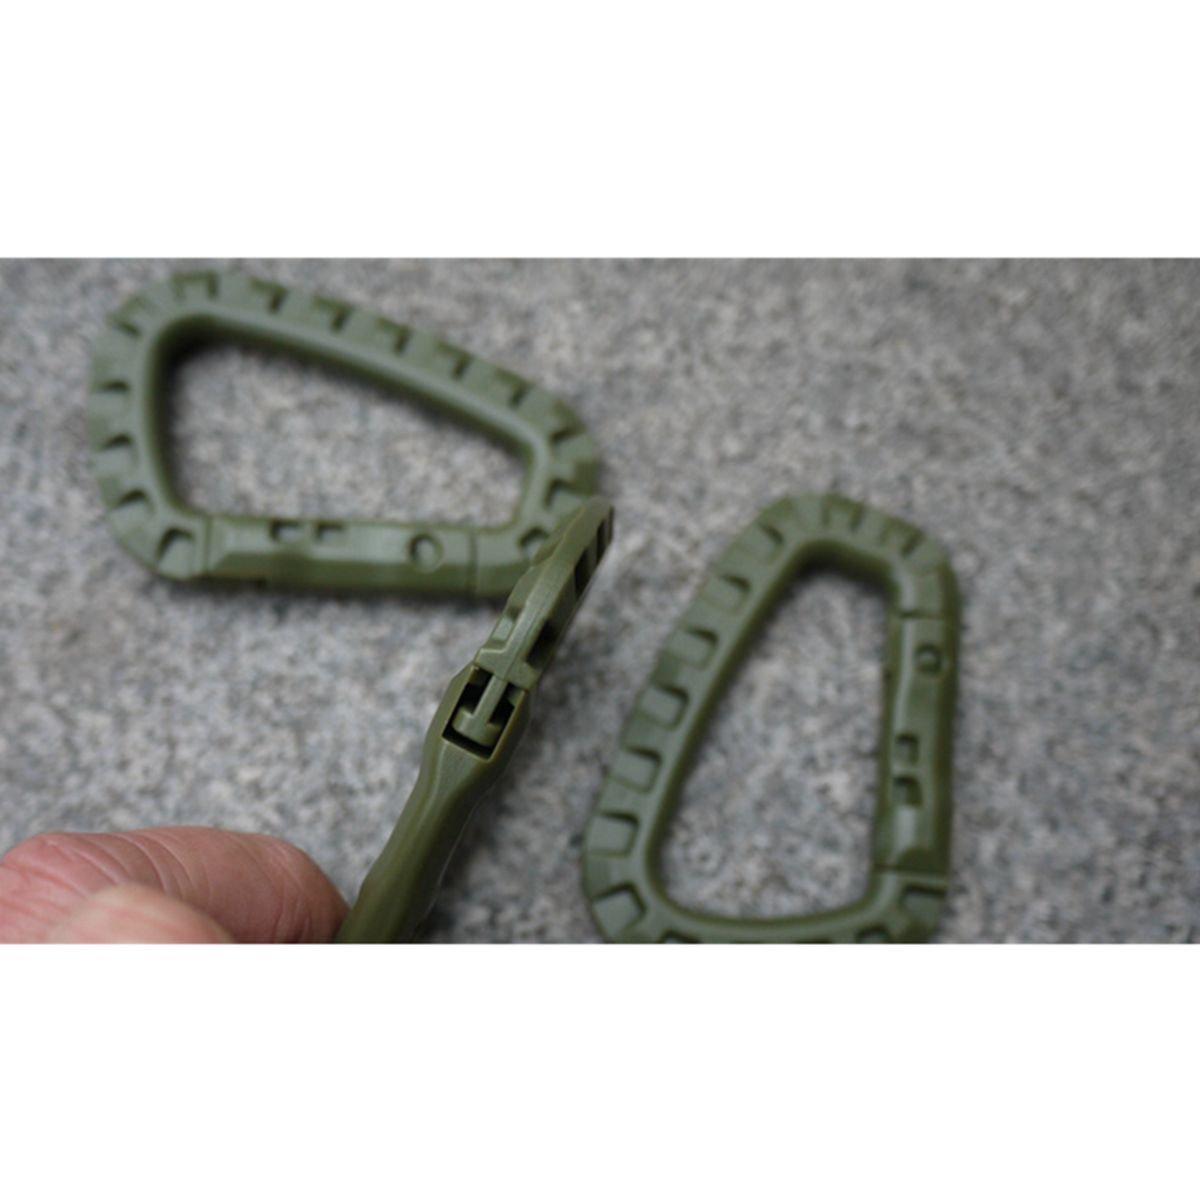 Verde D-Ring moschettone portachiavi Tactical Link Zaino Accessori moschettone 2 pezzi Leggero gancio Outdoor tattico TIANOR Moschettone a gancio per arrampicata ed escursionismo